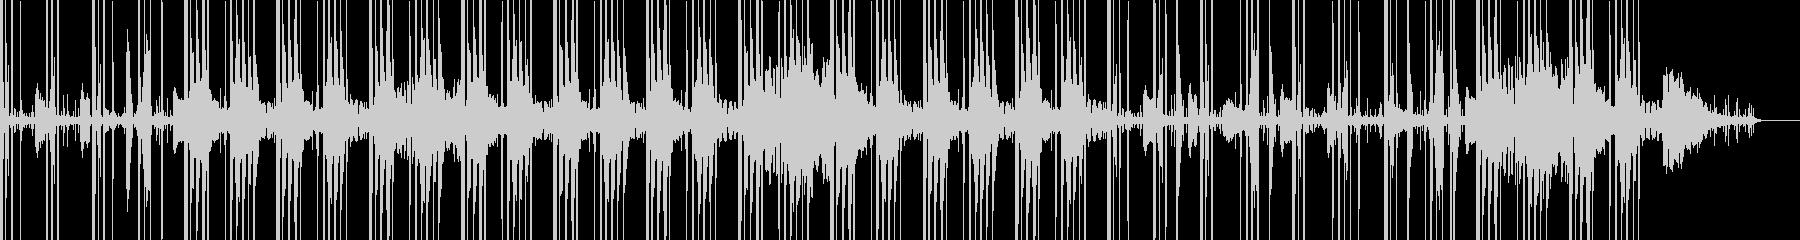 jazzy・チルアウト・ヒップホップの未再生の波形